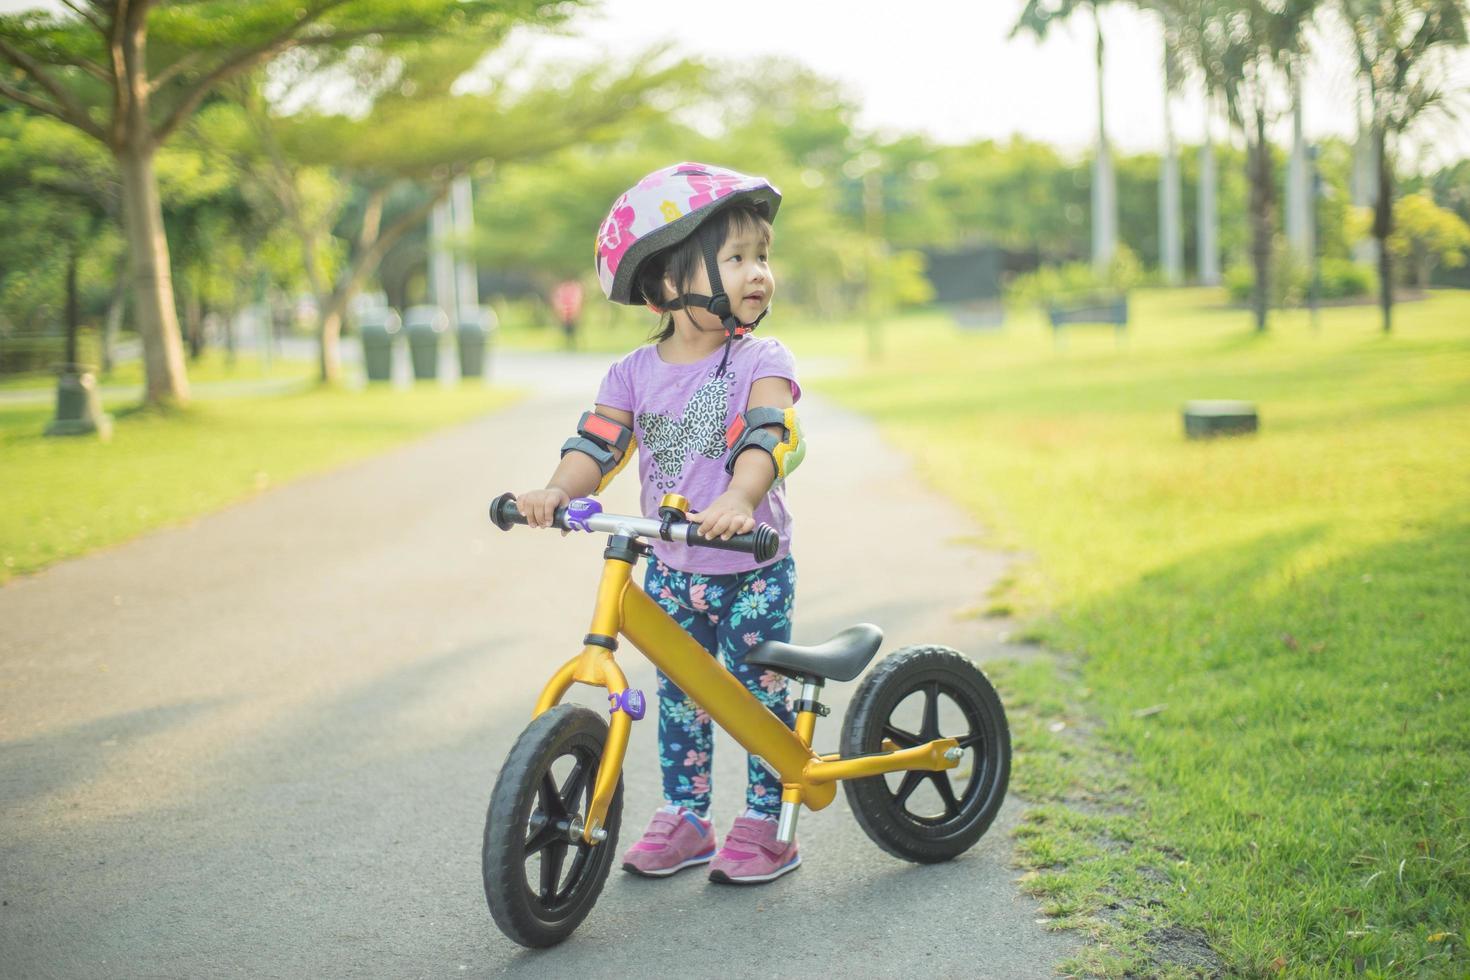 kleines Mädchen lernt Fahrrad draußen auf dem Radweg foto